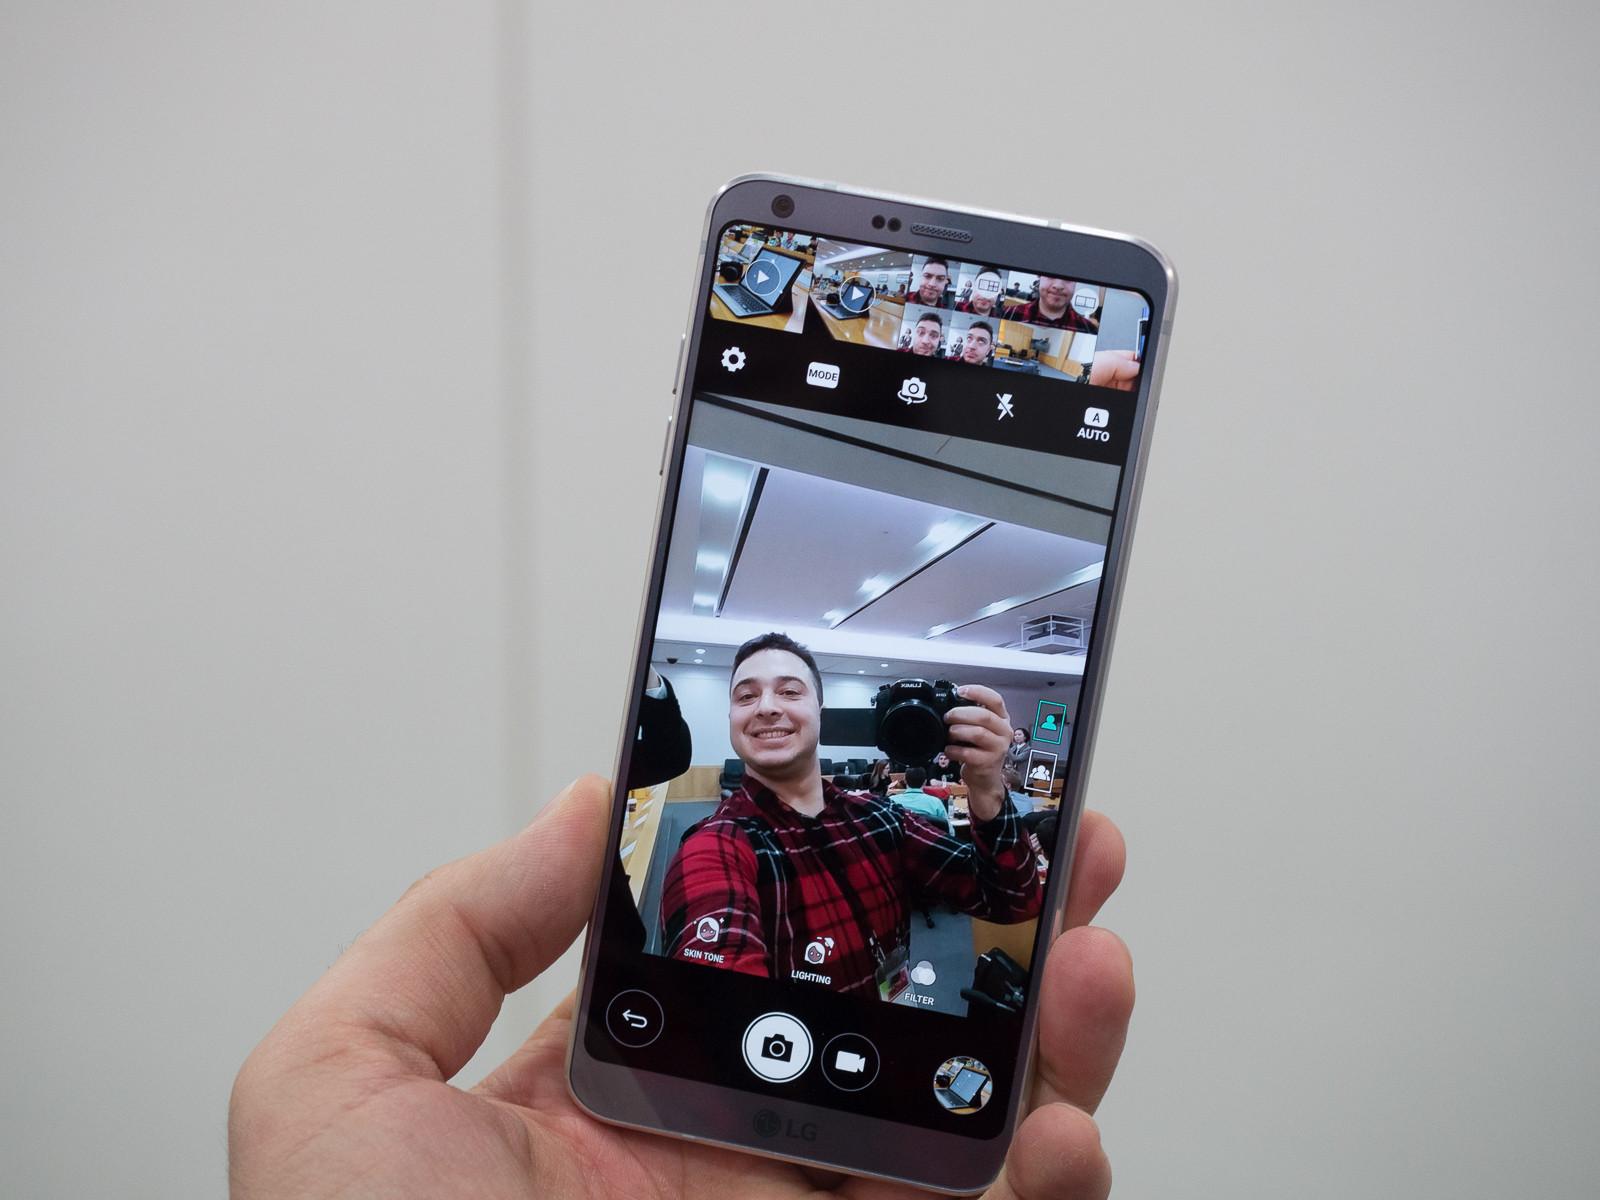 1489345629_a-better-front-camera.jpg